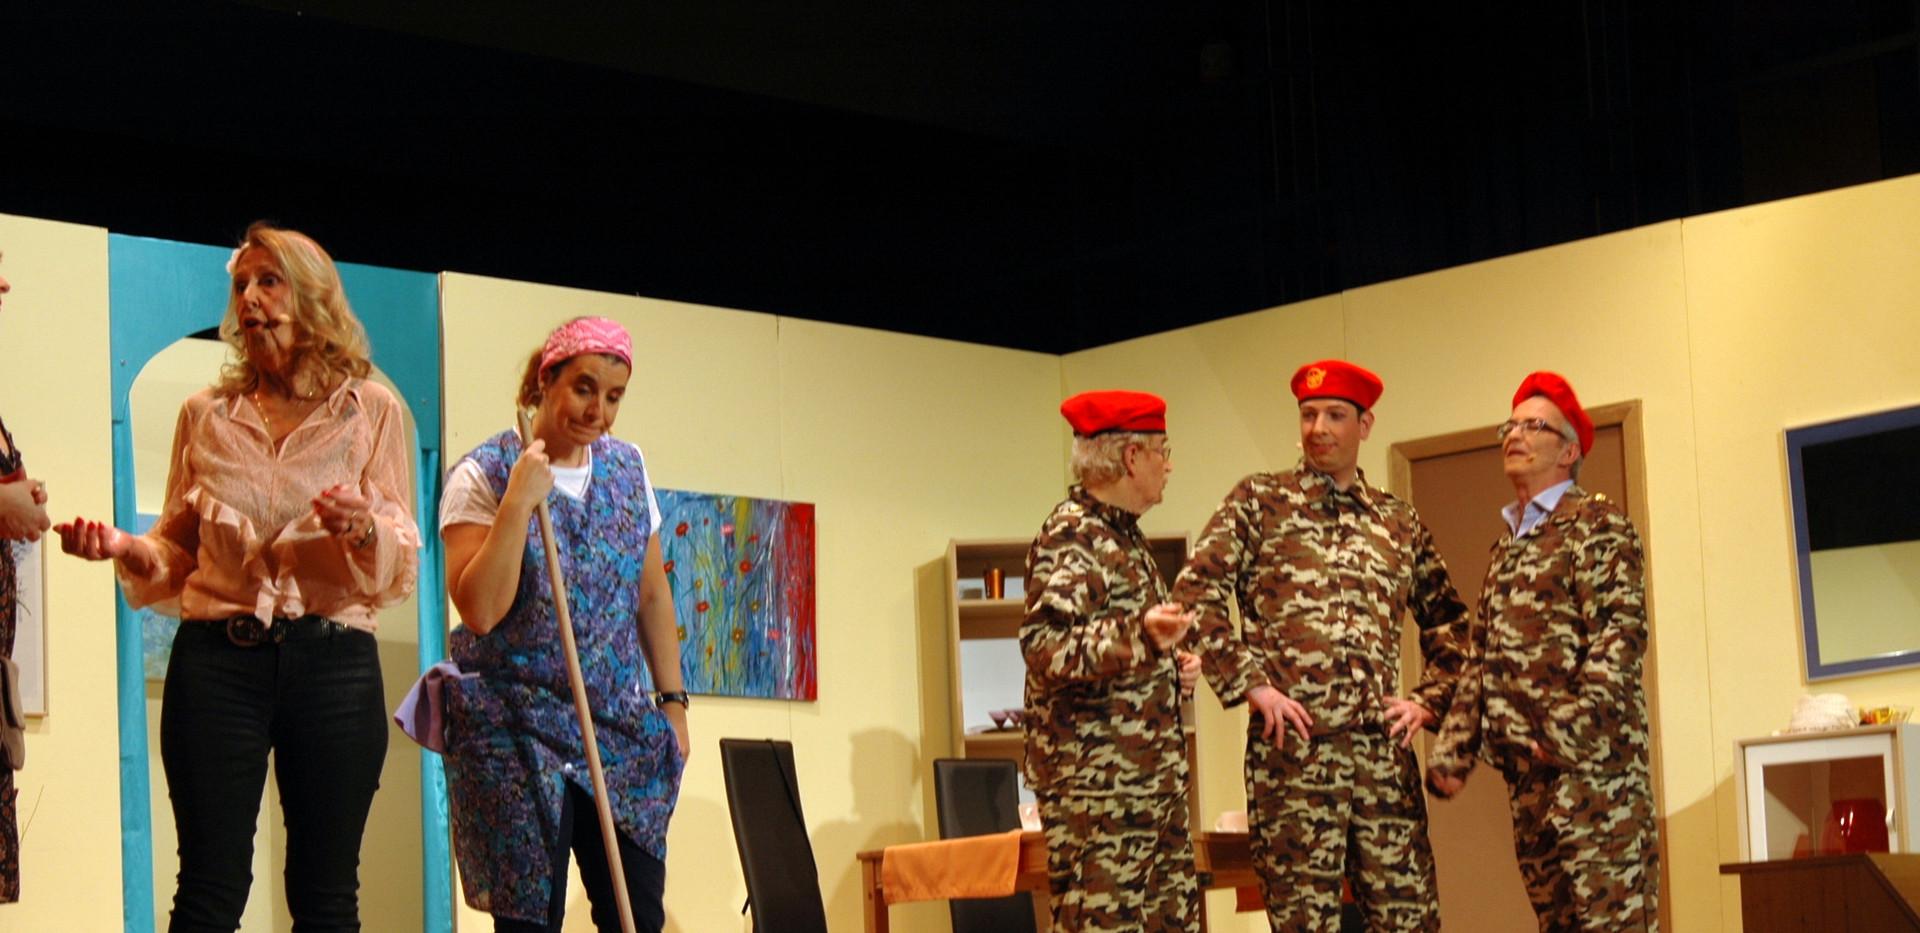 Theaterbilder2018 (58).JPG